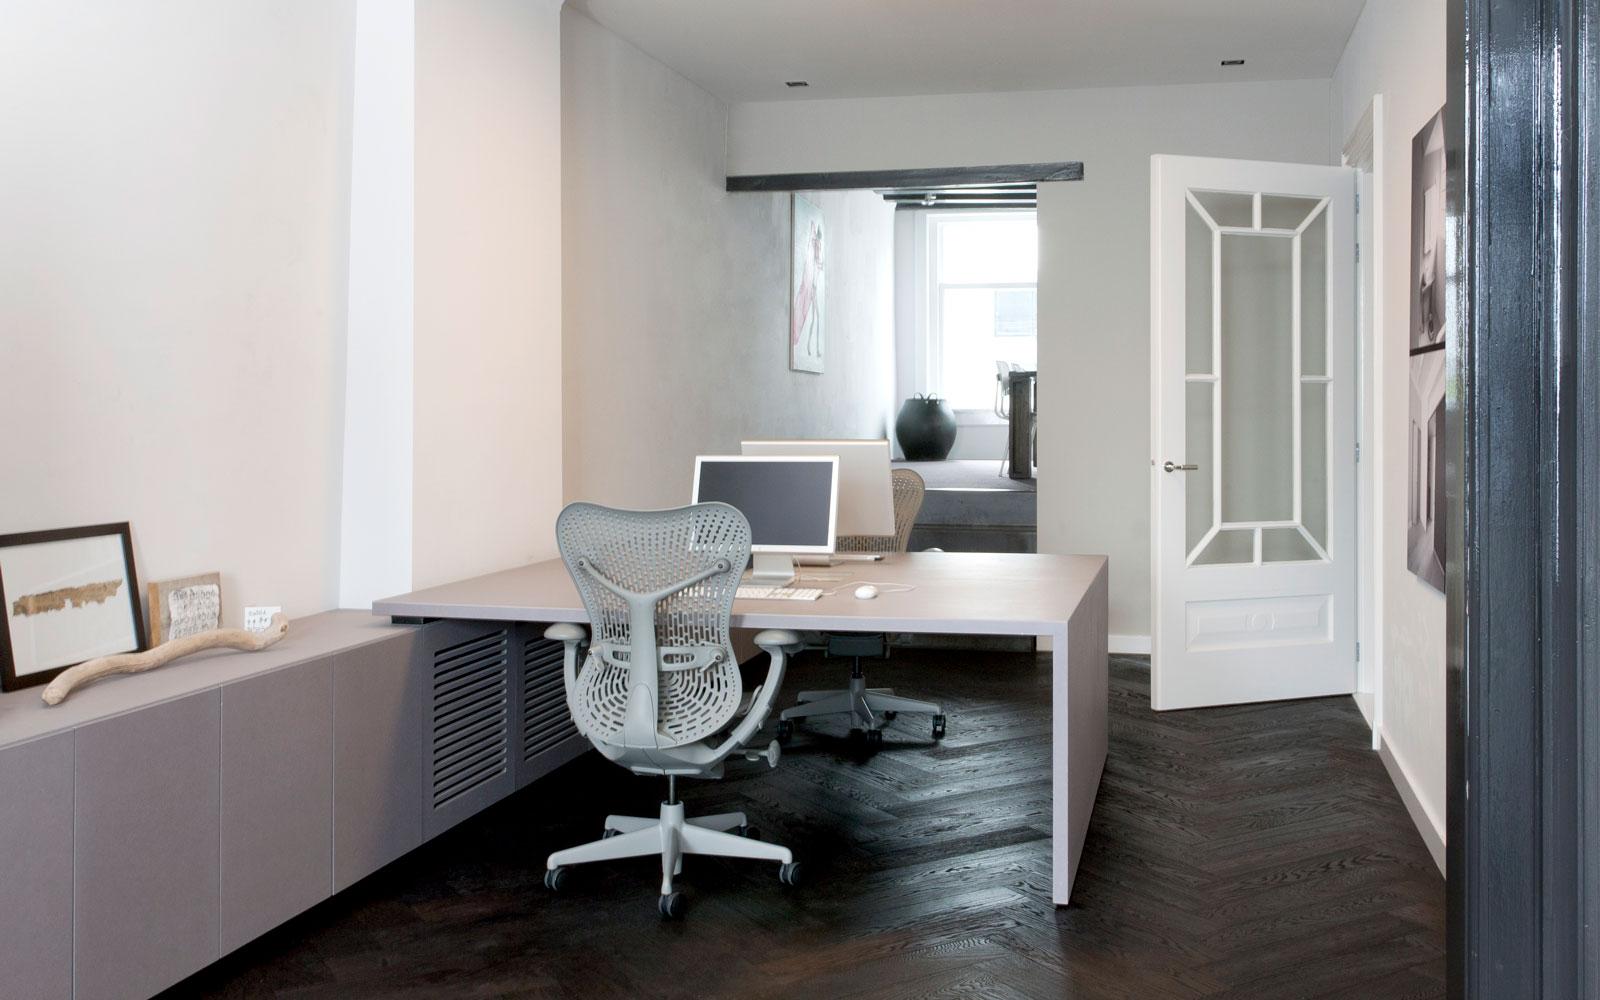 Woon- en werkplaats, kantoor, desk, officebureau | Remy Meijers